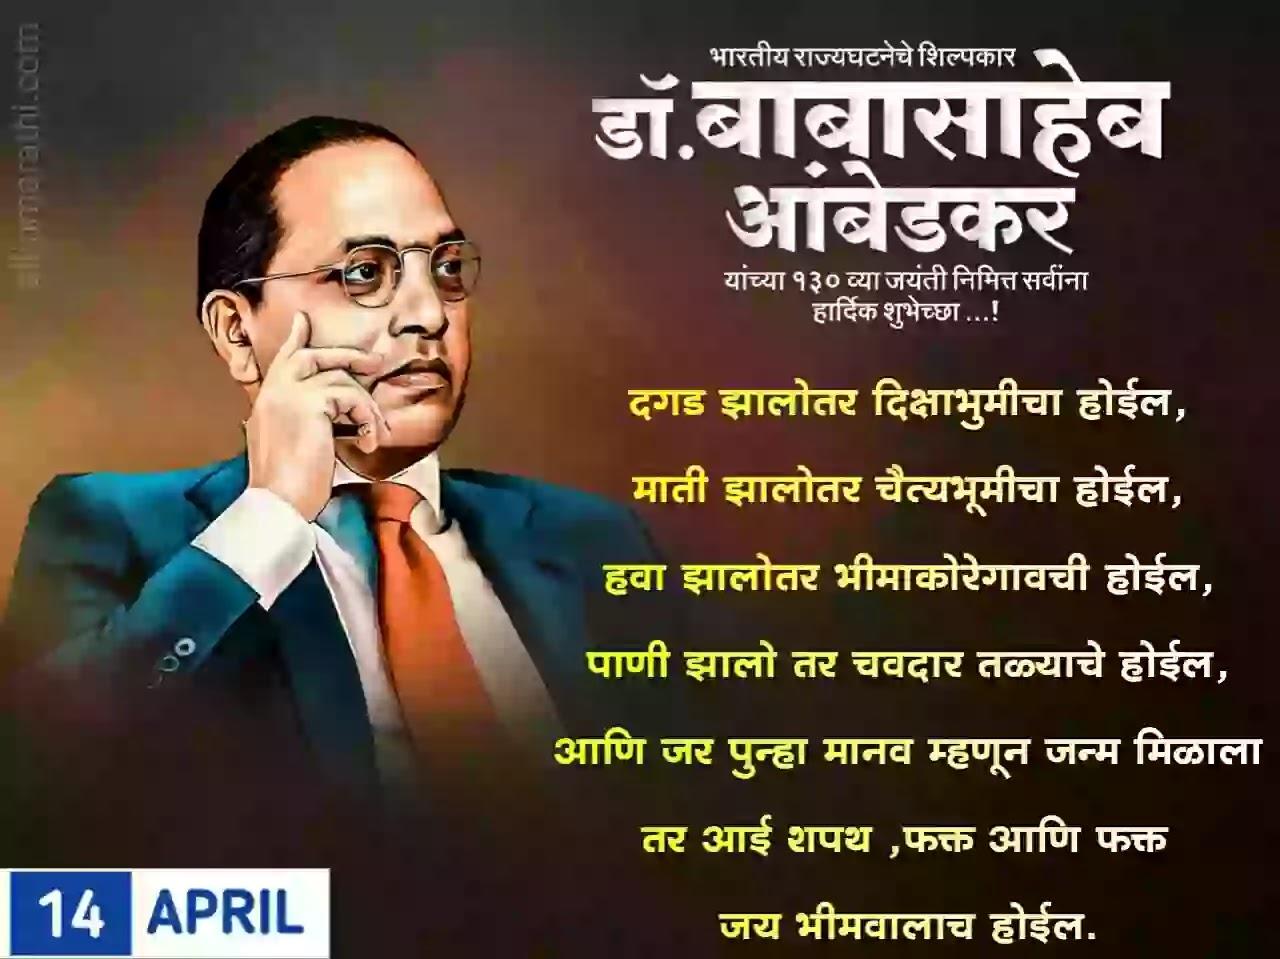 Dr-babasaheb-ambedkar-jayanti-Quotes-marathi